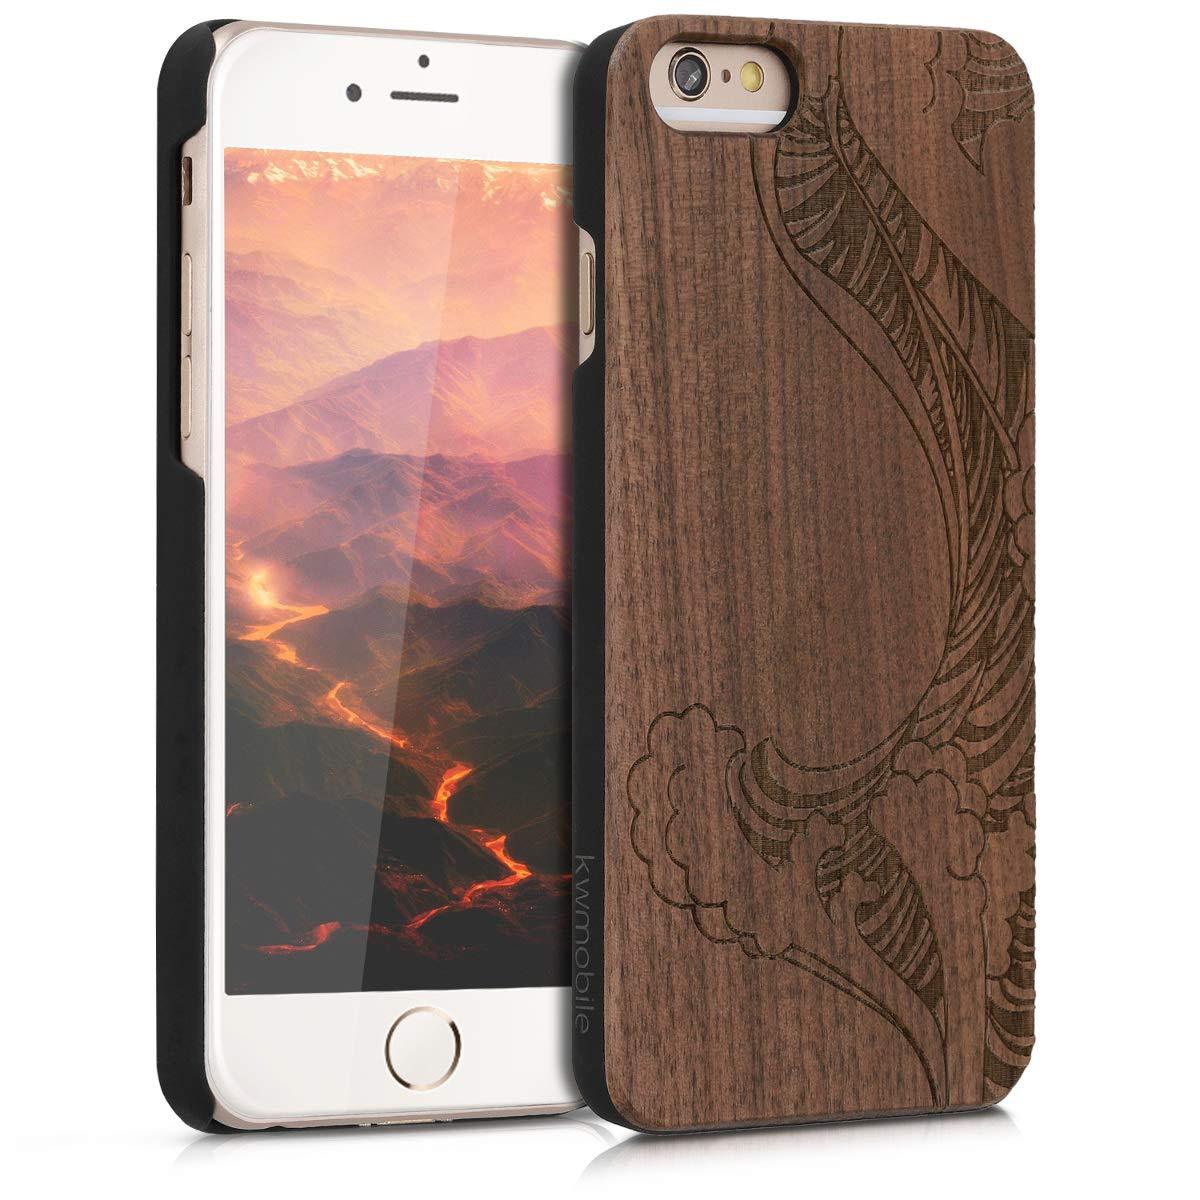 kwmobile Funda para Apple iPhone 6 / 6S - Carcasa de [Madera] - Case Trasero Protector [Duro] con diseño de Olas